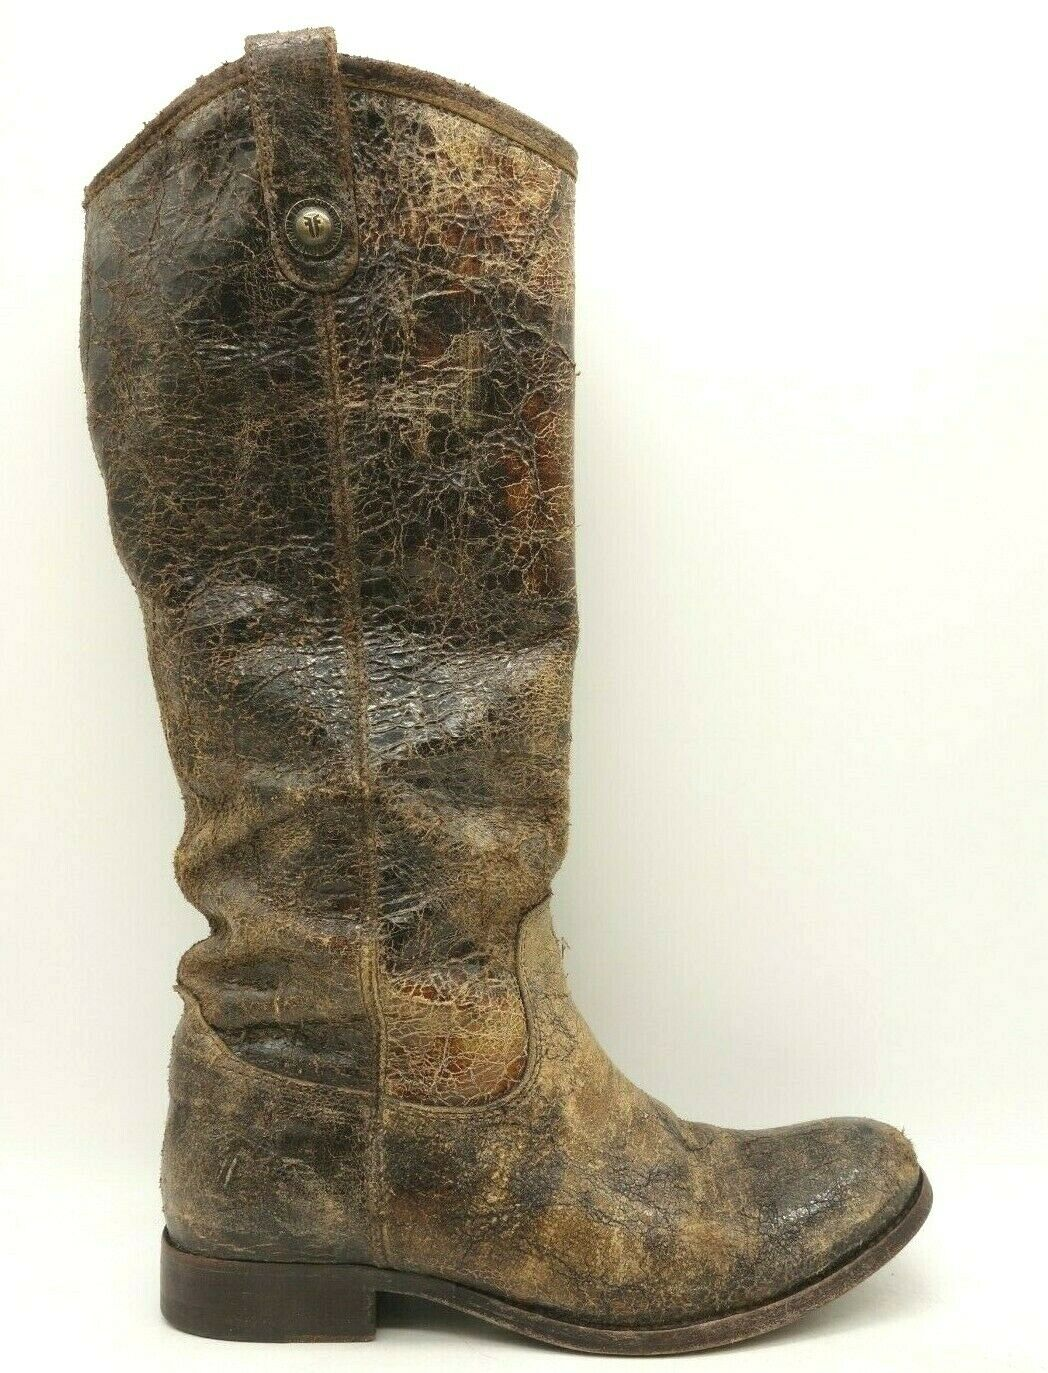 Frye marrón cuero envejecido botas Altas Tire de levantarse Mujer 7 B